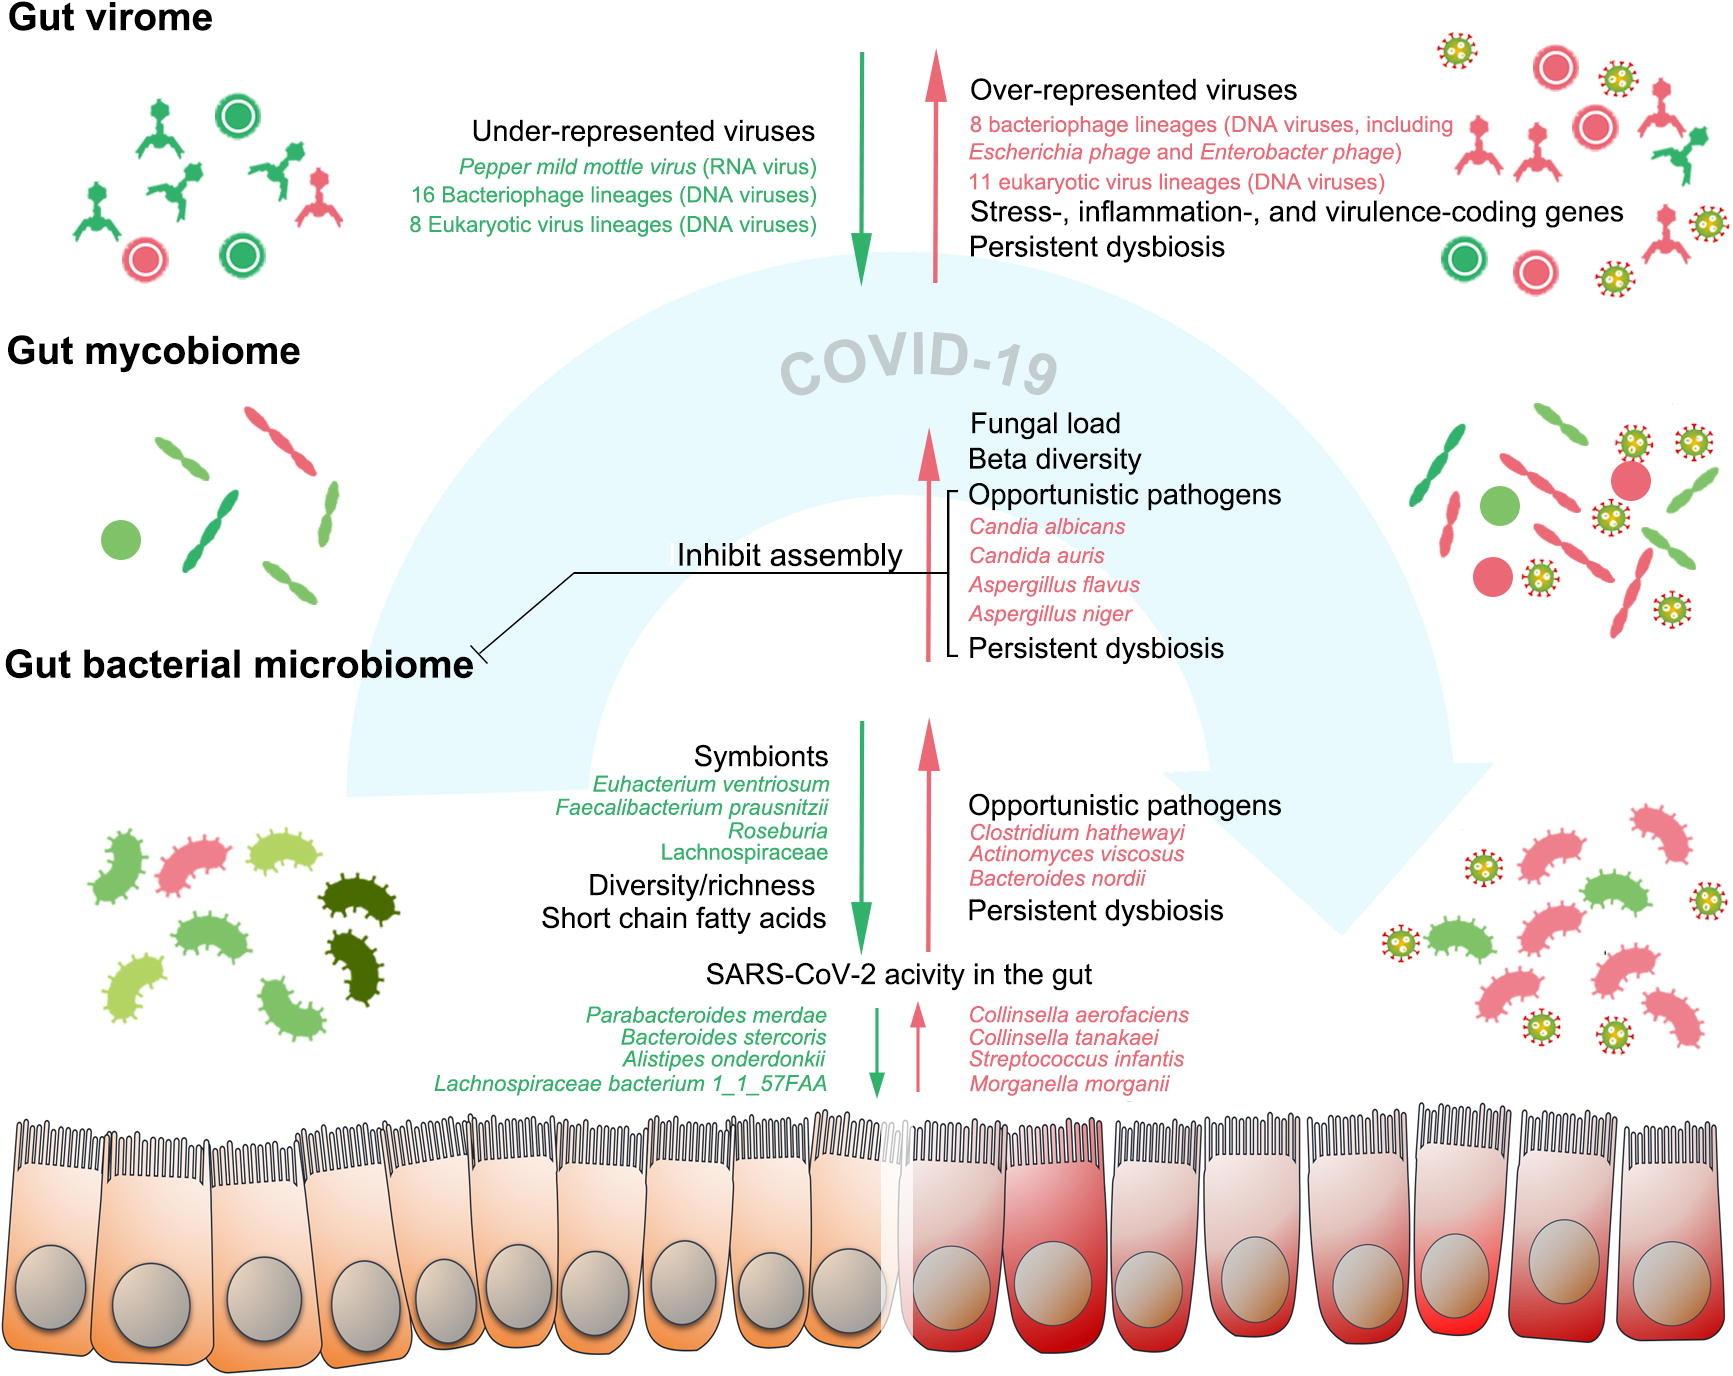 Рисунок 1 . Изменения кишечного бактериального, грибкового и вирусного микробиома у пациентов с C19. Бактериом кишечника при C9 характеризуется уменьшенным разнообразием и богатством, а также стойким бактериомным дисбиозом даже после излечения болезни. Микобиом кишечника при C19 характеризуется повышенной фекальной грибковой нагрузкой и повышенным бета-разнообразием (более гетерогенным). Микобиом кишечника при C19 нестабилен с течением времени, а также постоянно изменяется после разрешения болезни. SC0V2 проявляет инфекционность в кишечнике. Отложенный SC0V2 выделение вируса и стойкий дисбактериоз кишечного вирома присутствуют после разрешения болезни. Эпителиальный барьер желудочно-кишечного тракта нарушен у части пациентов с C19